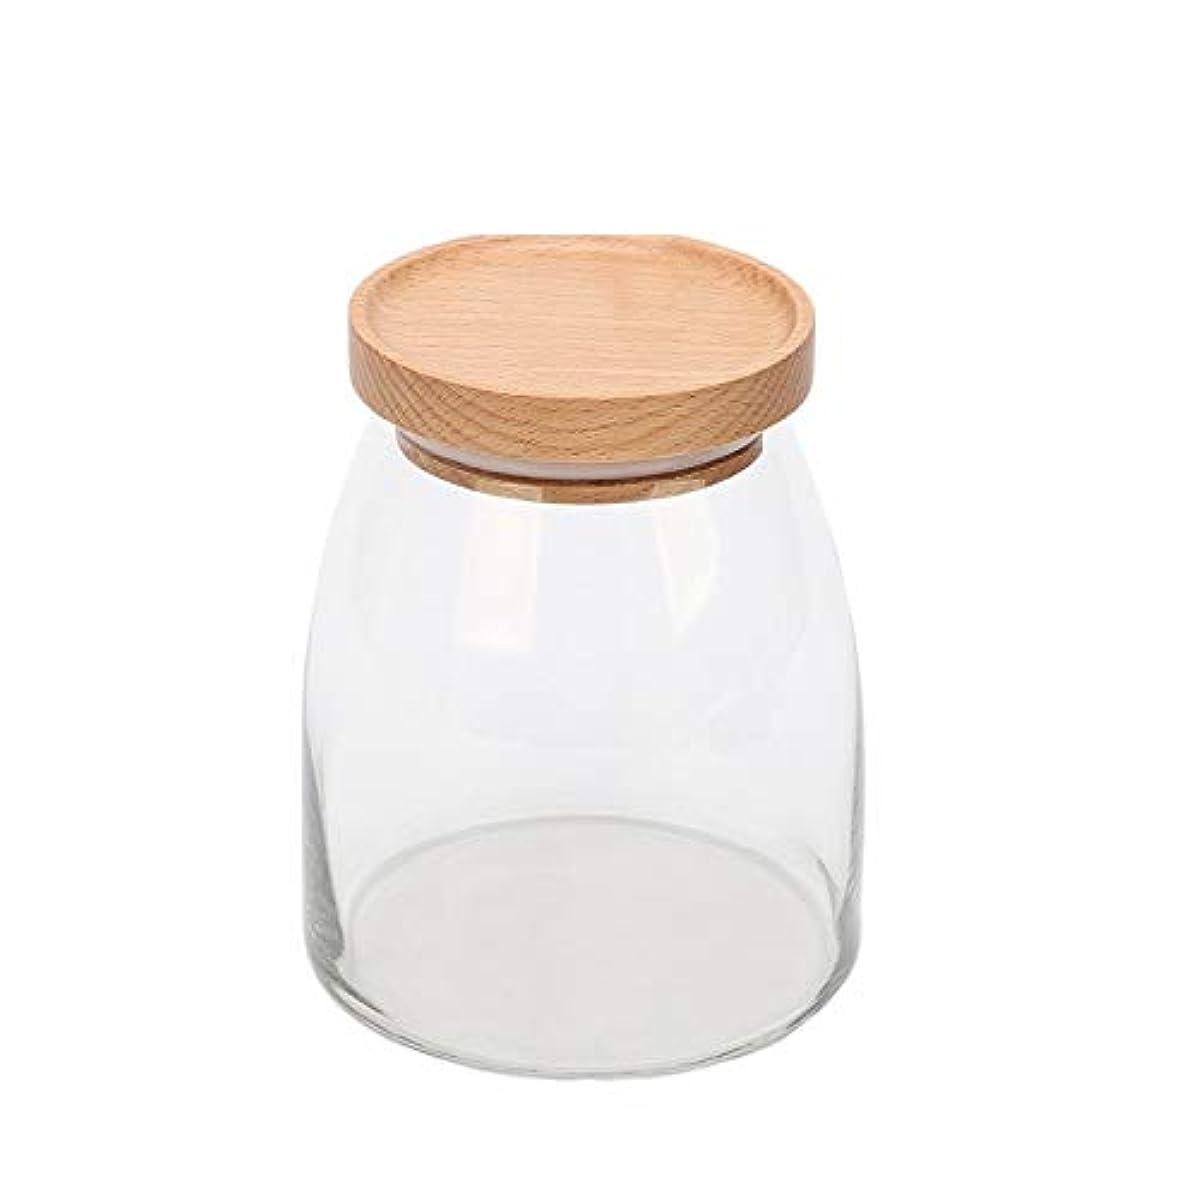 貯蔵タンク、透明ガラス貯蔵タンク、家庭用食品、茶瓶